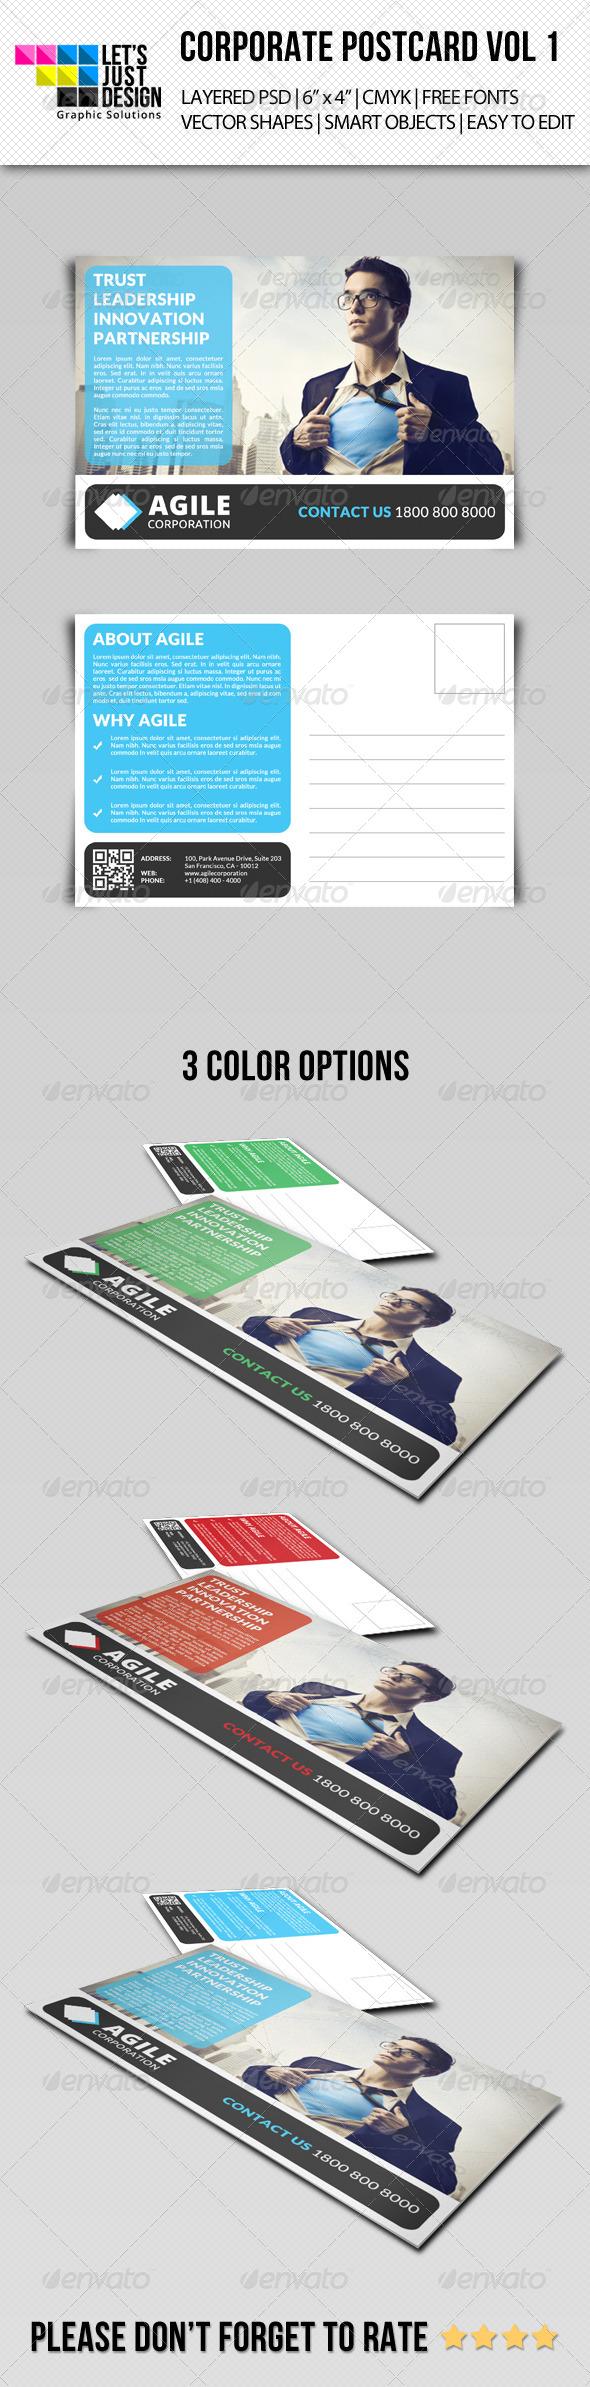 GraphicRiver Corporate Postcard Template Vol 1 7851198